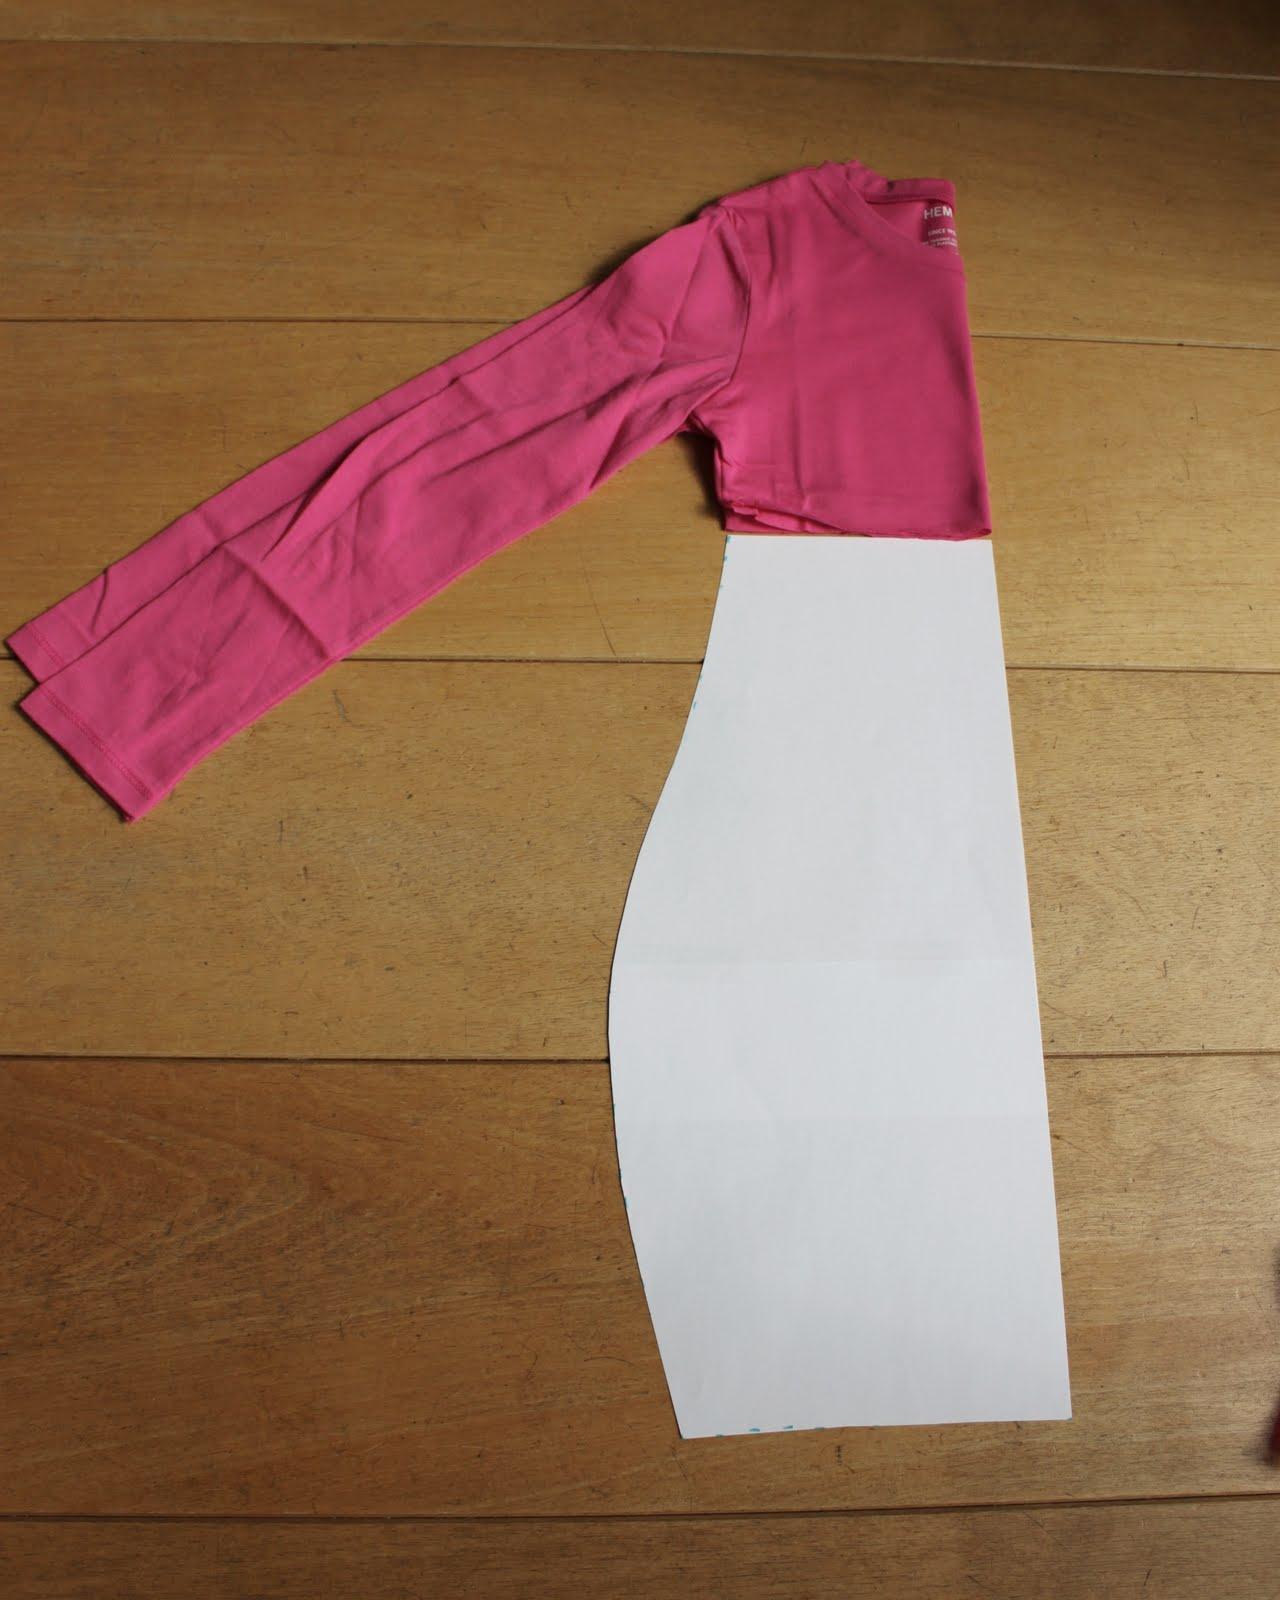 Van jansen hoe maak ik een t shirt jurkje - Maak een hoofdbord aan ...